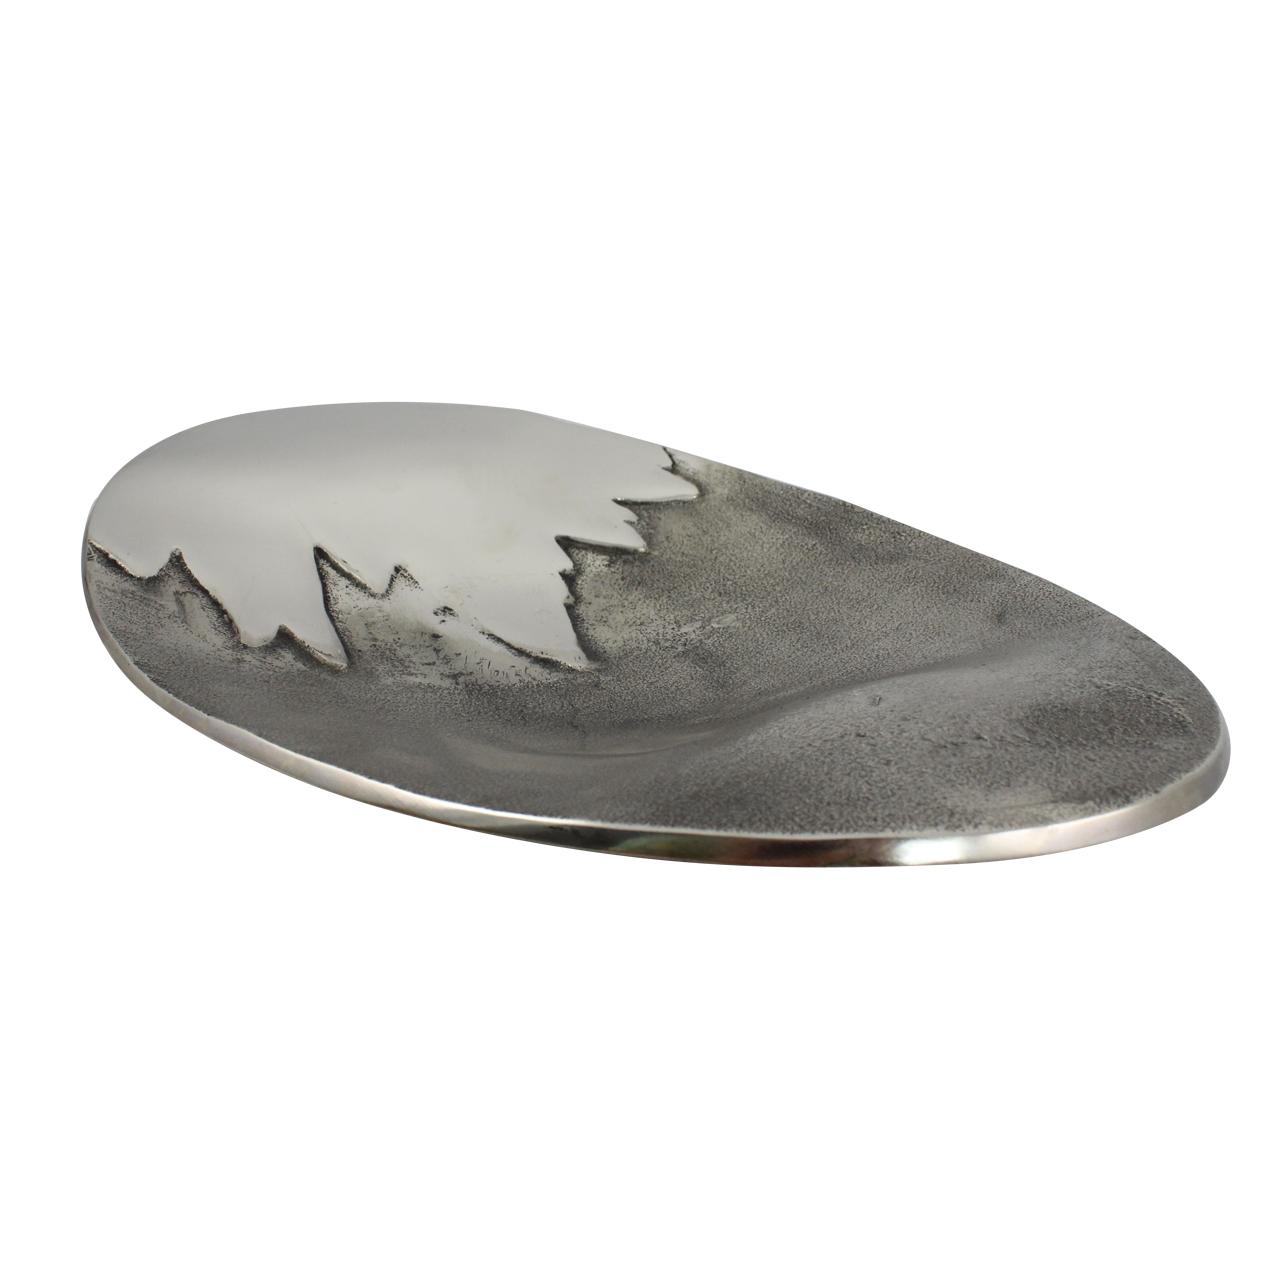 Platou Decorativ Oval Din Aluminiu Si Nichel 32 Cm